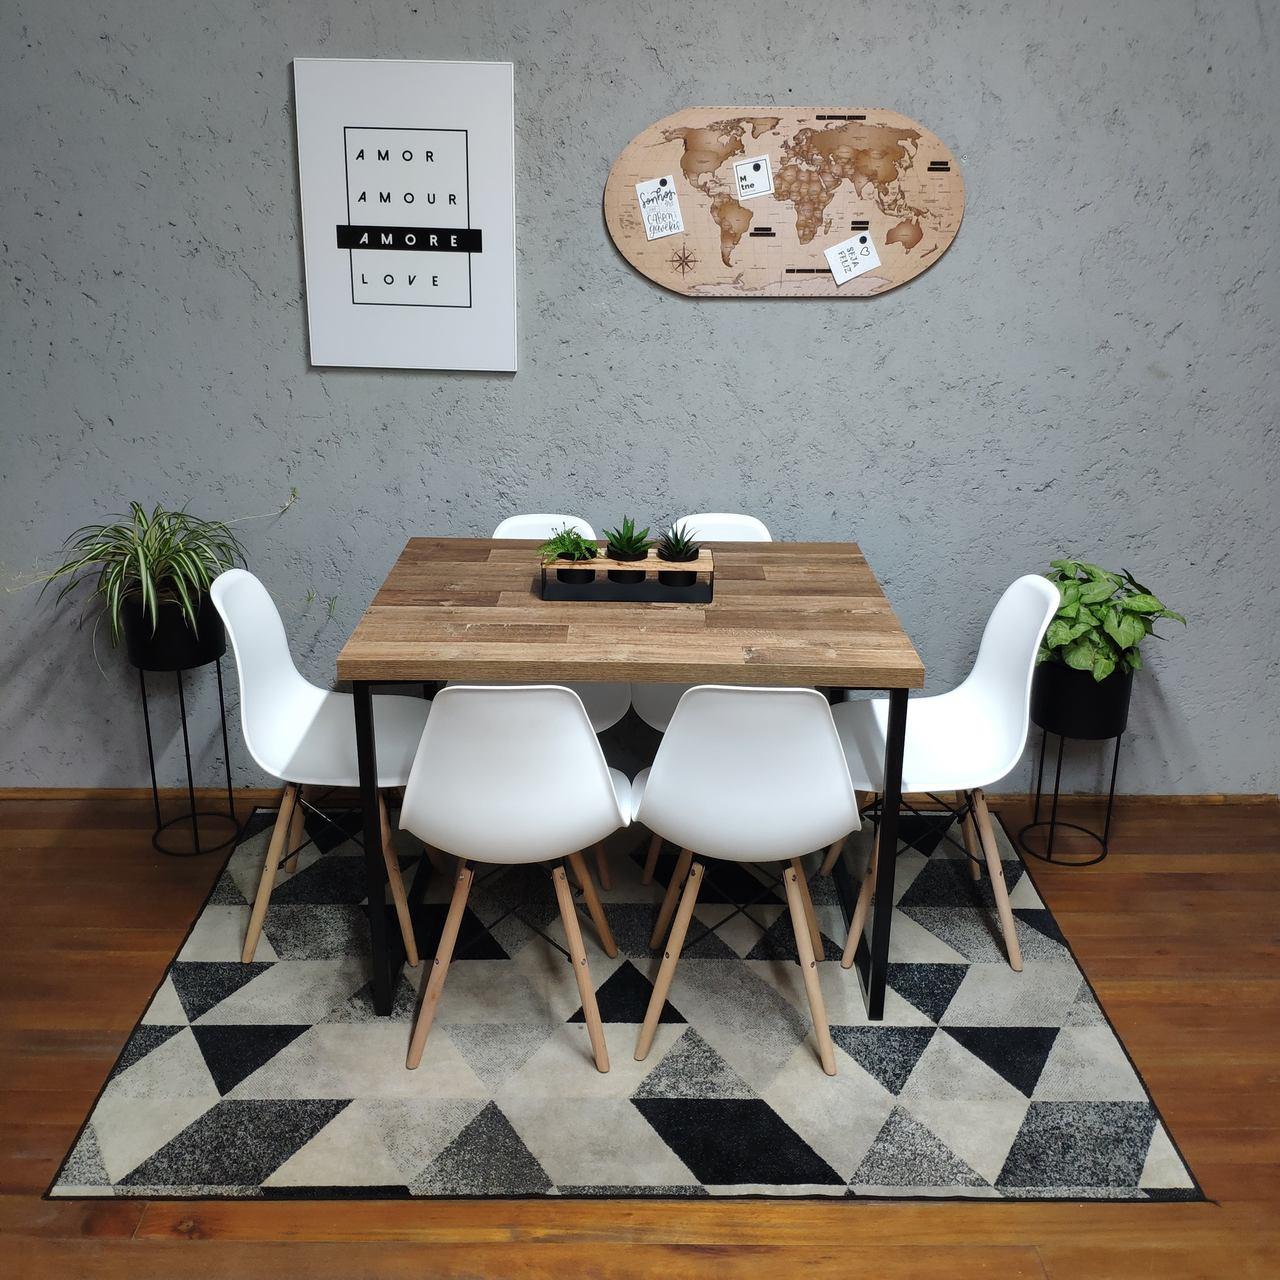 Mesa de Jantar Western Squared Legs 90x140 com 6 Cadeiras Eames Brancas